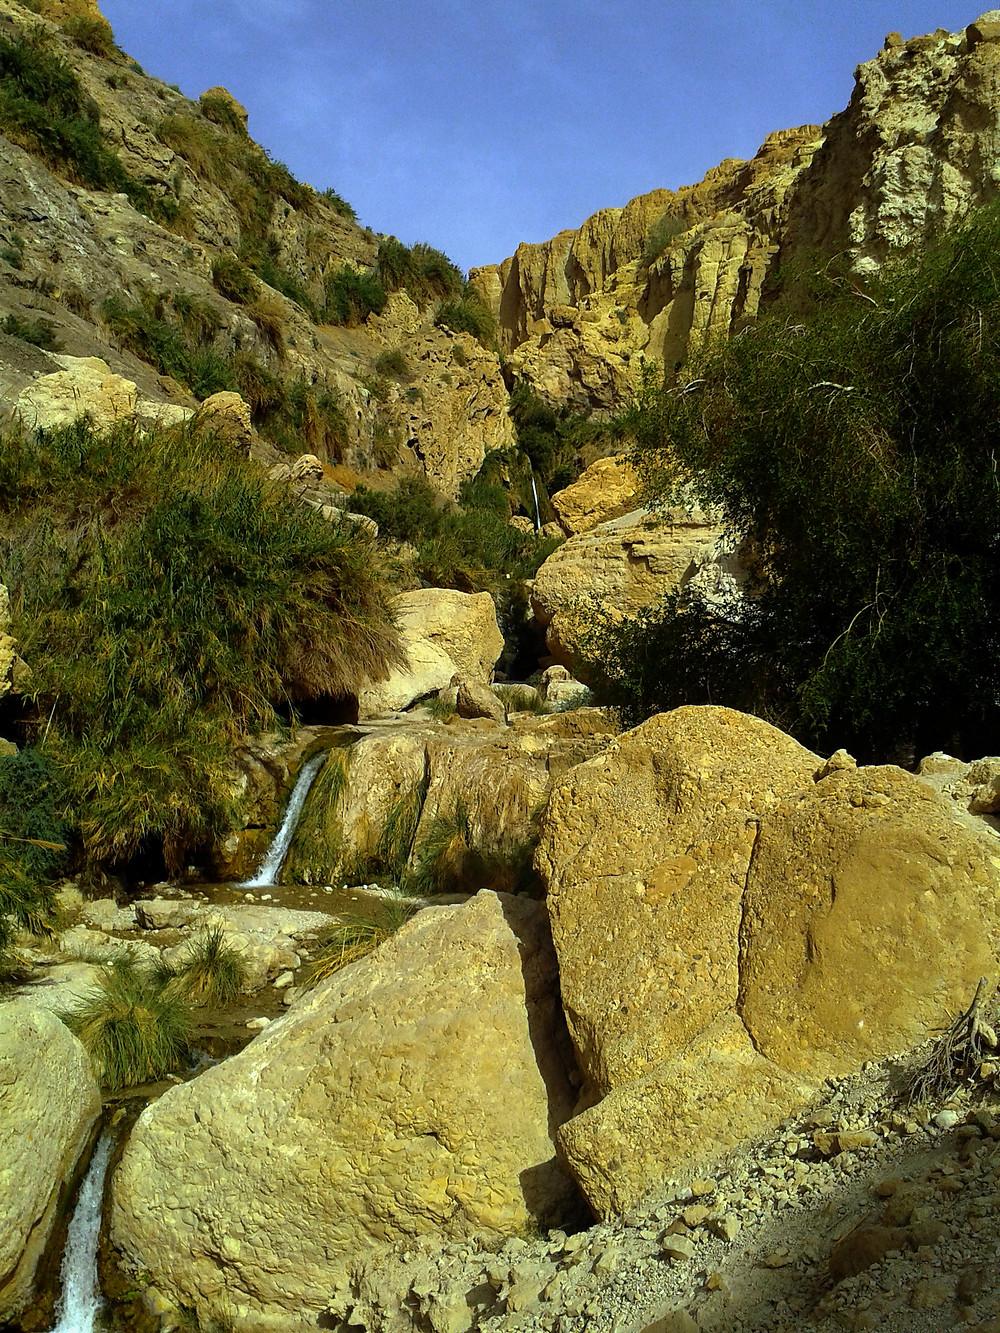 David Schlucht in Ein Gedi am Toten Meer, Israel